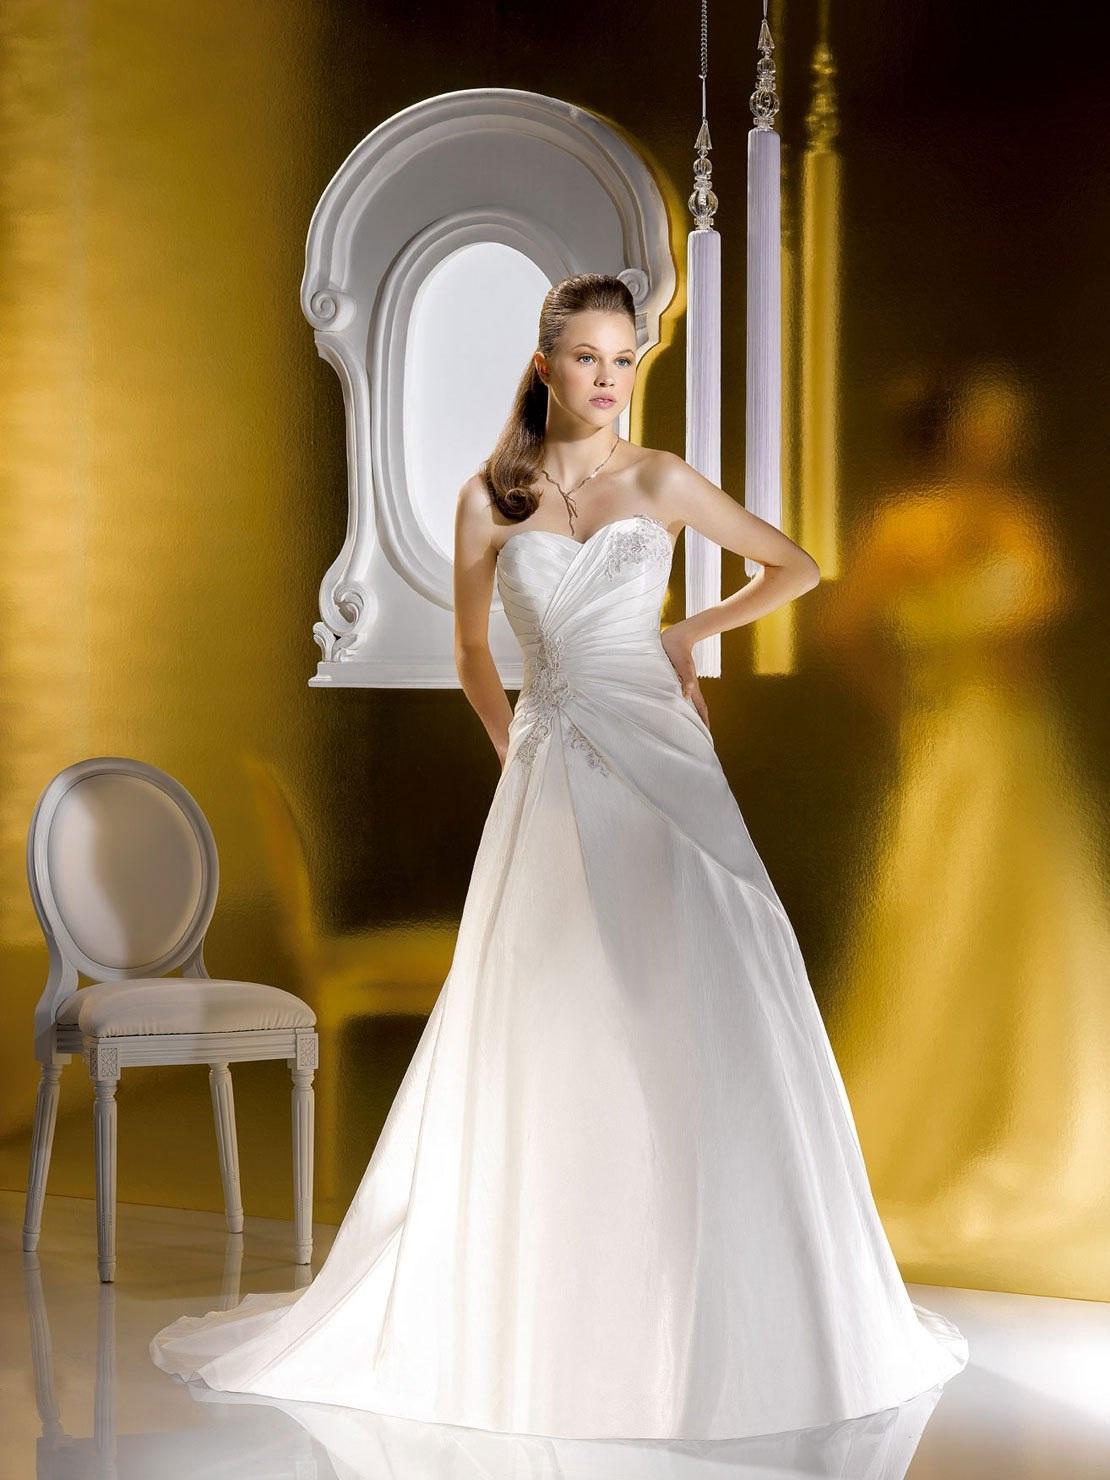 Bridal Wedding Dresses Just For You Spring 2013 Bridal Wedding Dresses